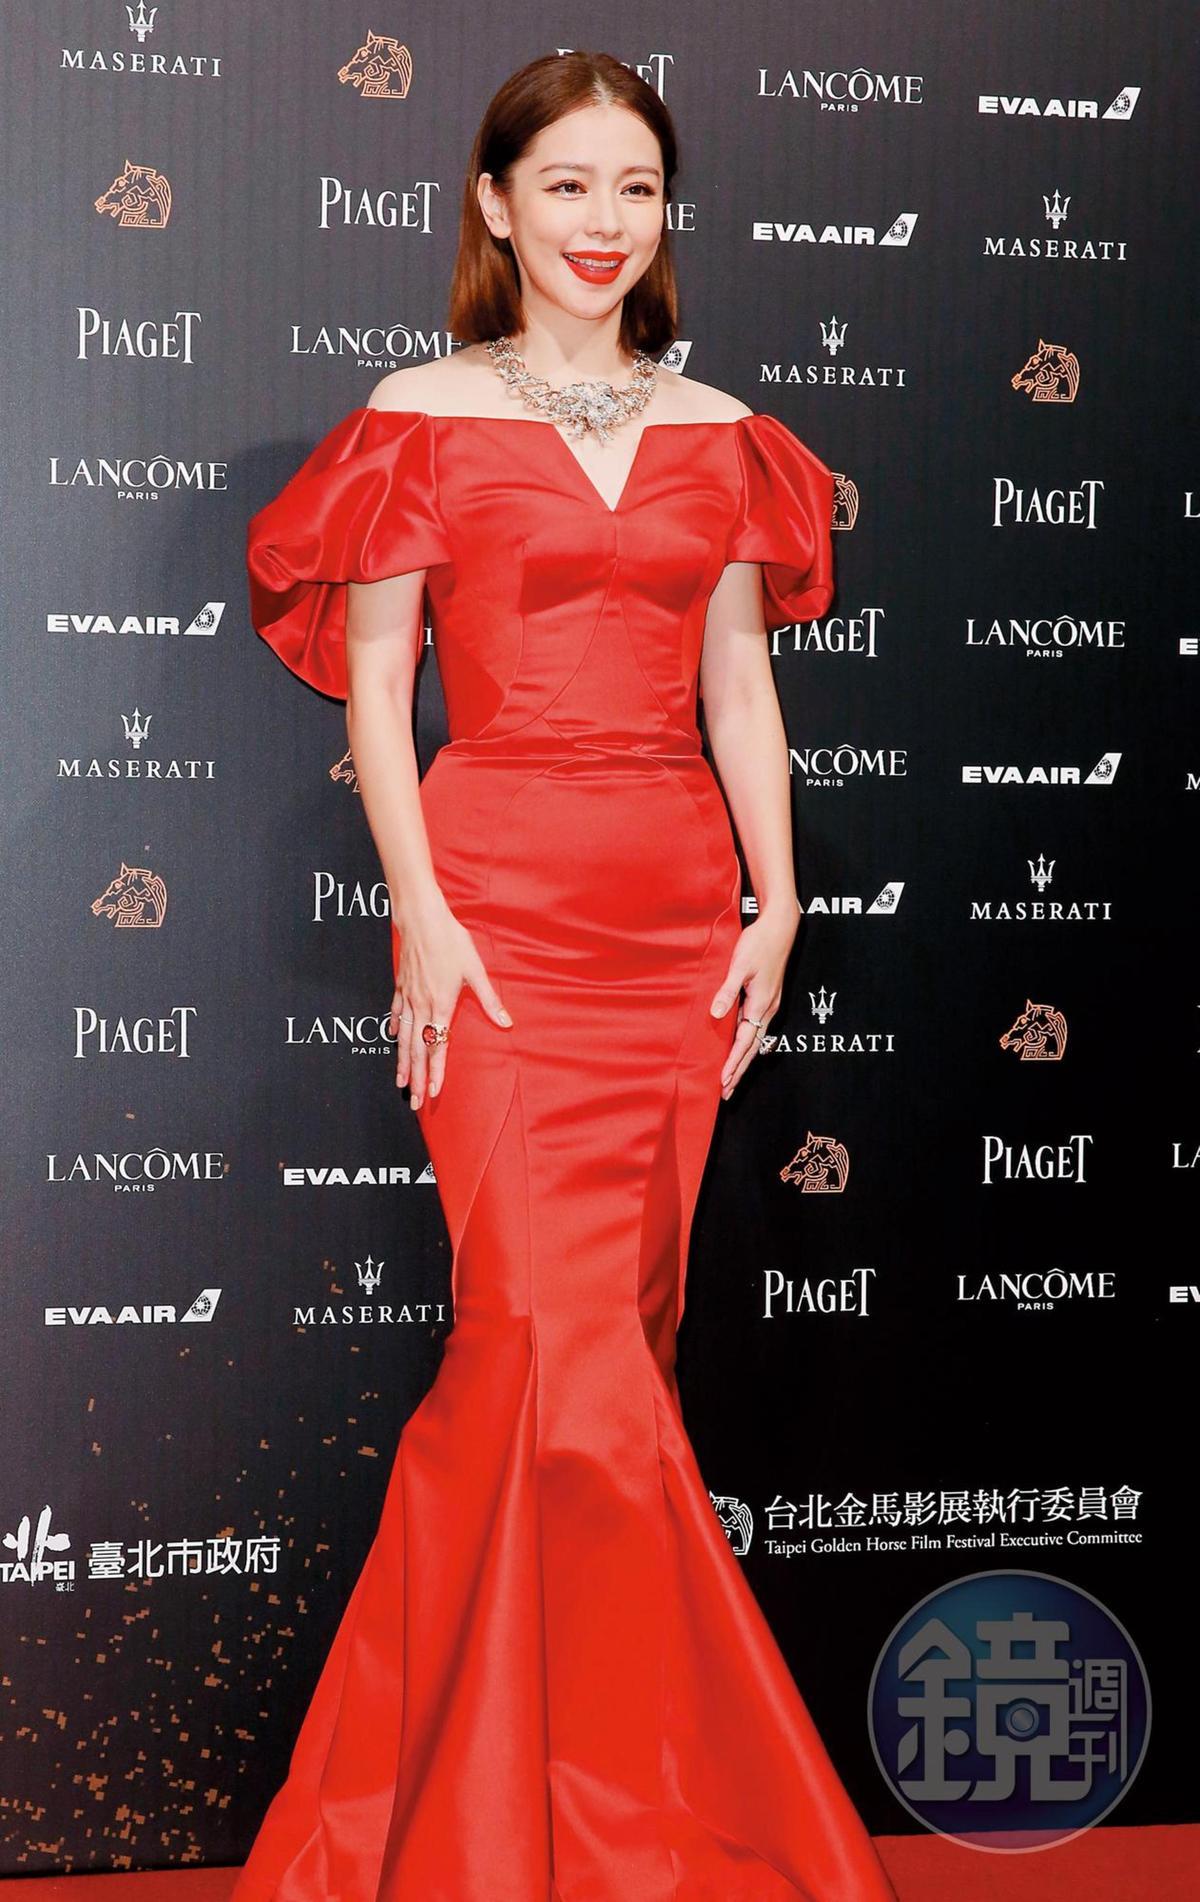 明明人面魚就是徐若瑄《人面魚:紅衣小女孩外傳》電影裡的要角,但她只有符合紅衣,實際上是隻龍蝦。